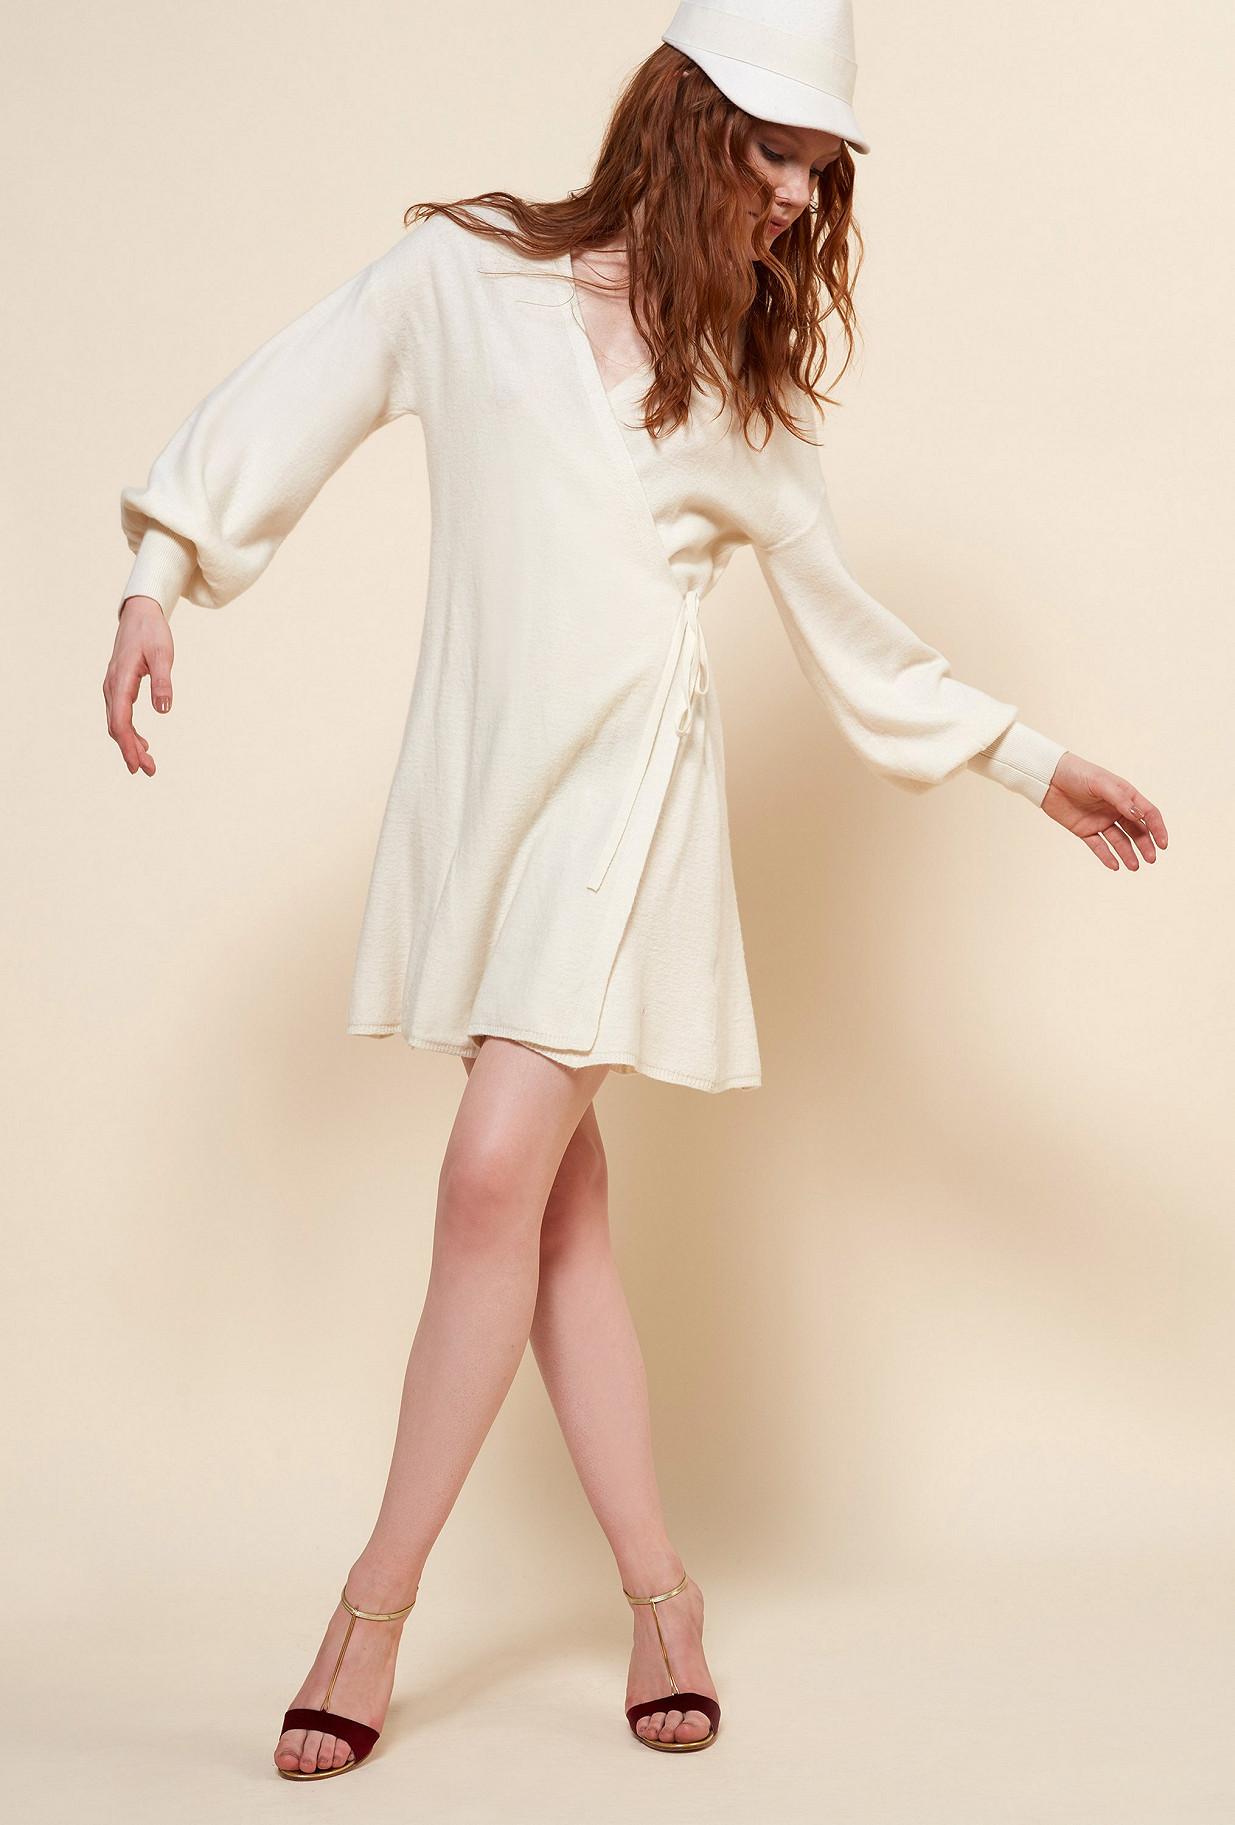 boutique de vetement Robe createur boheme  Sevilla